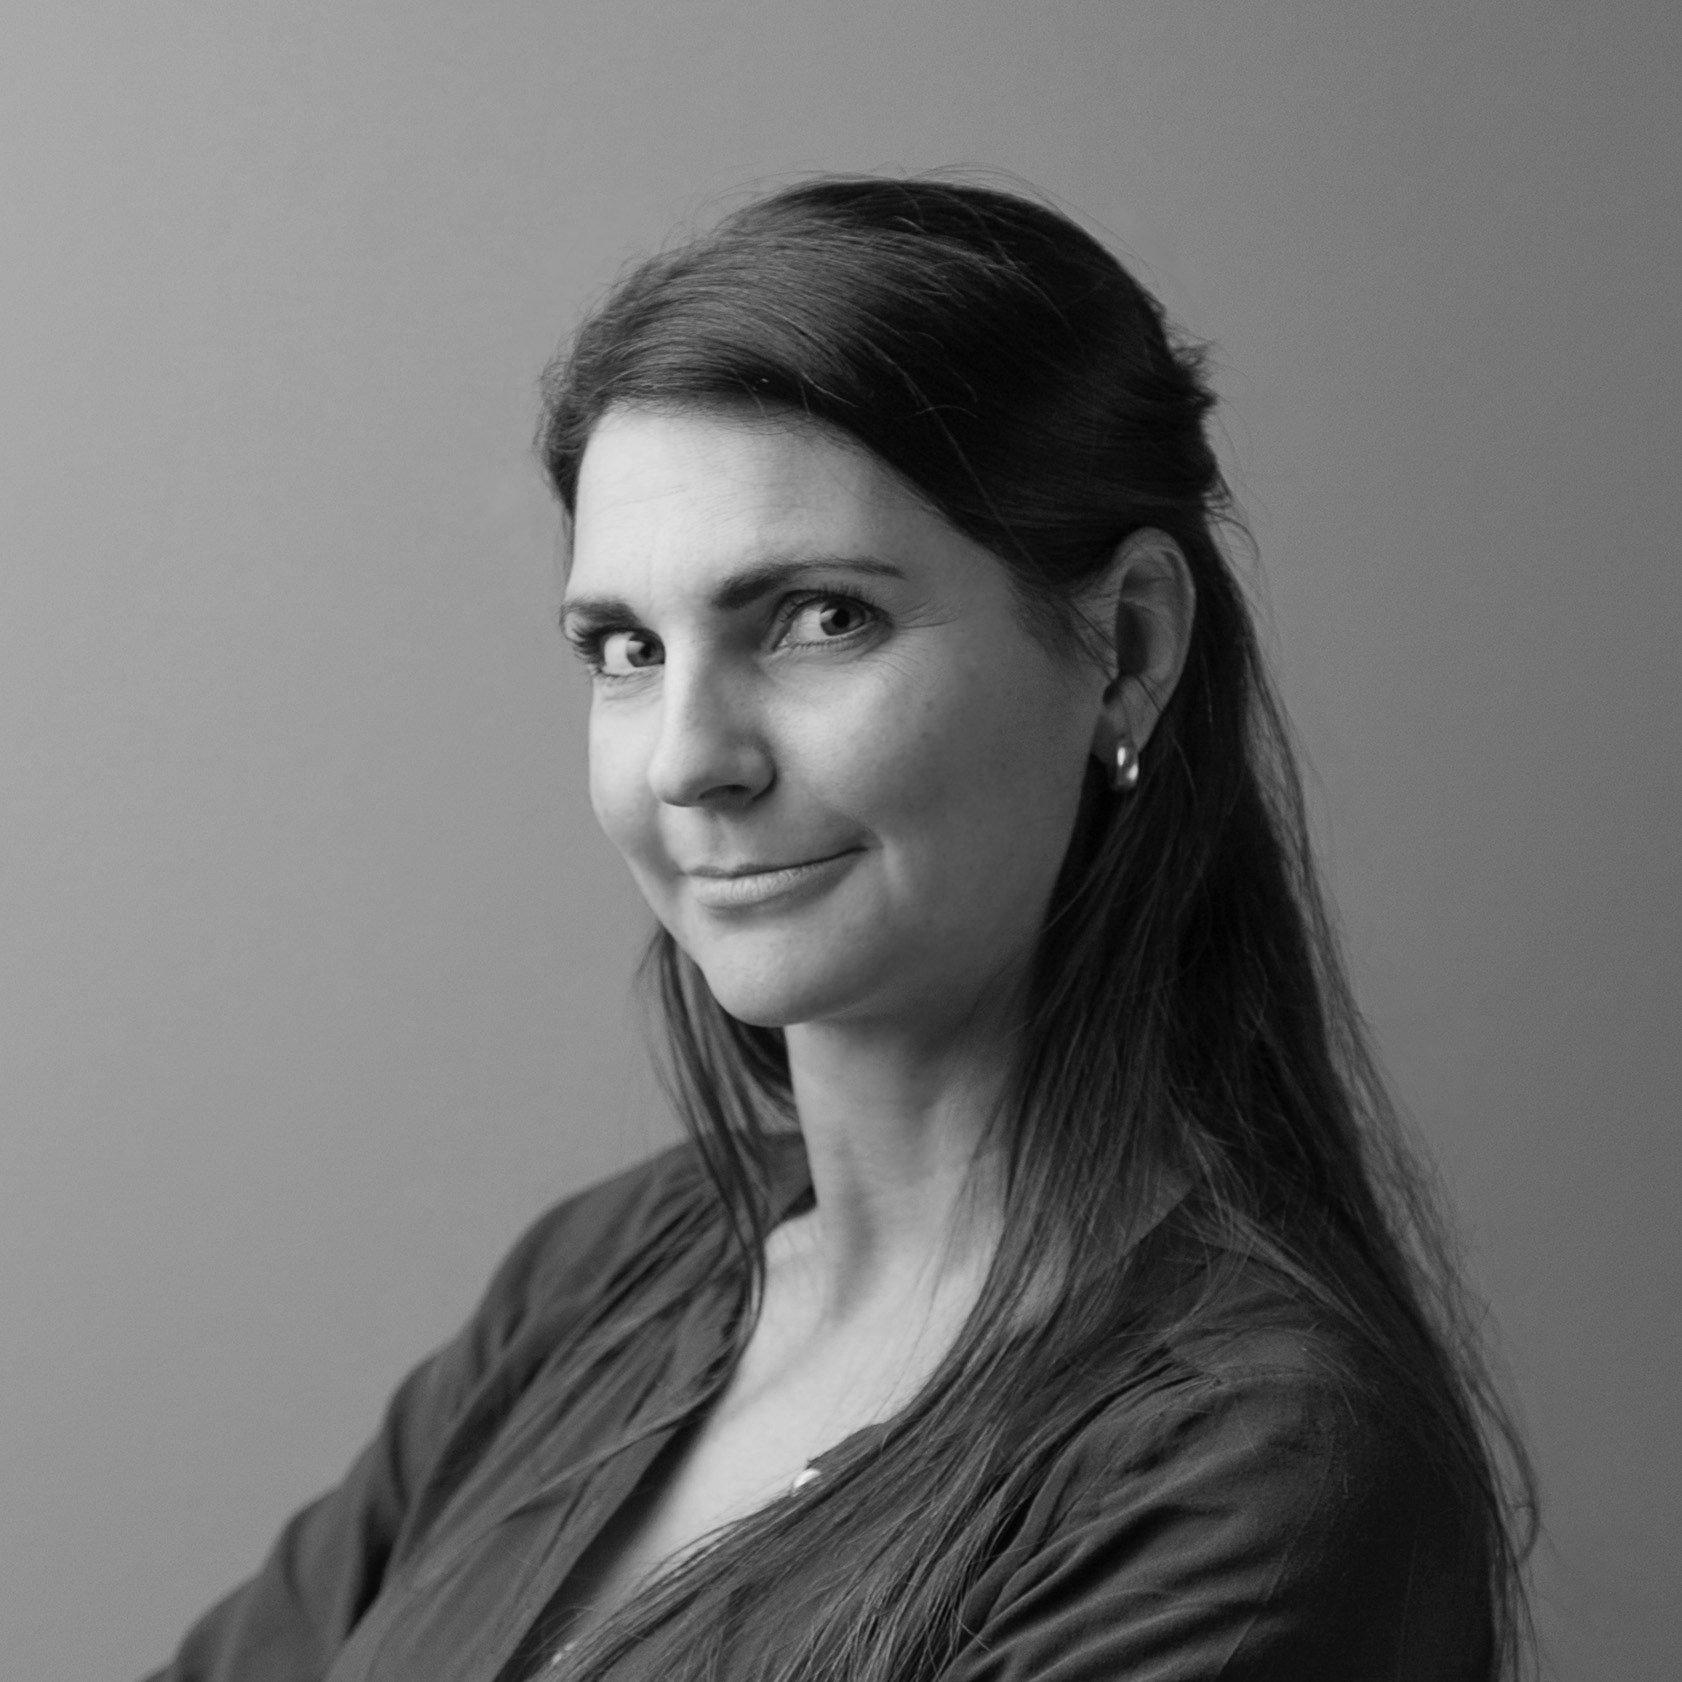 Sarah Neuner